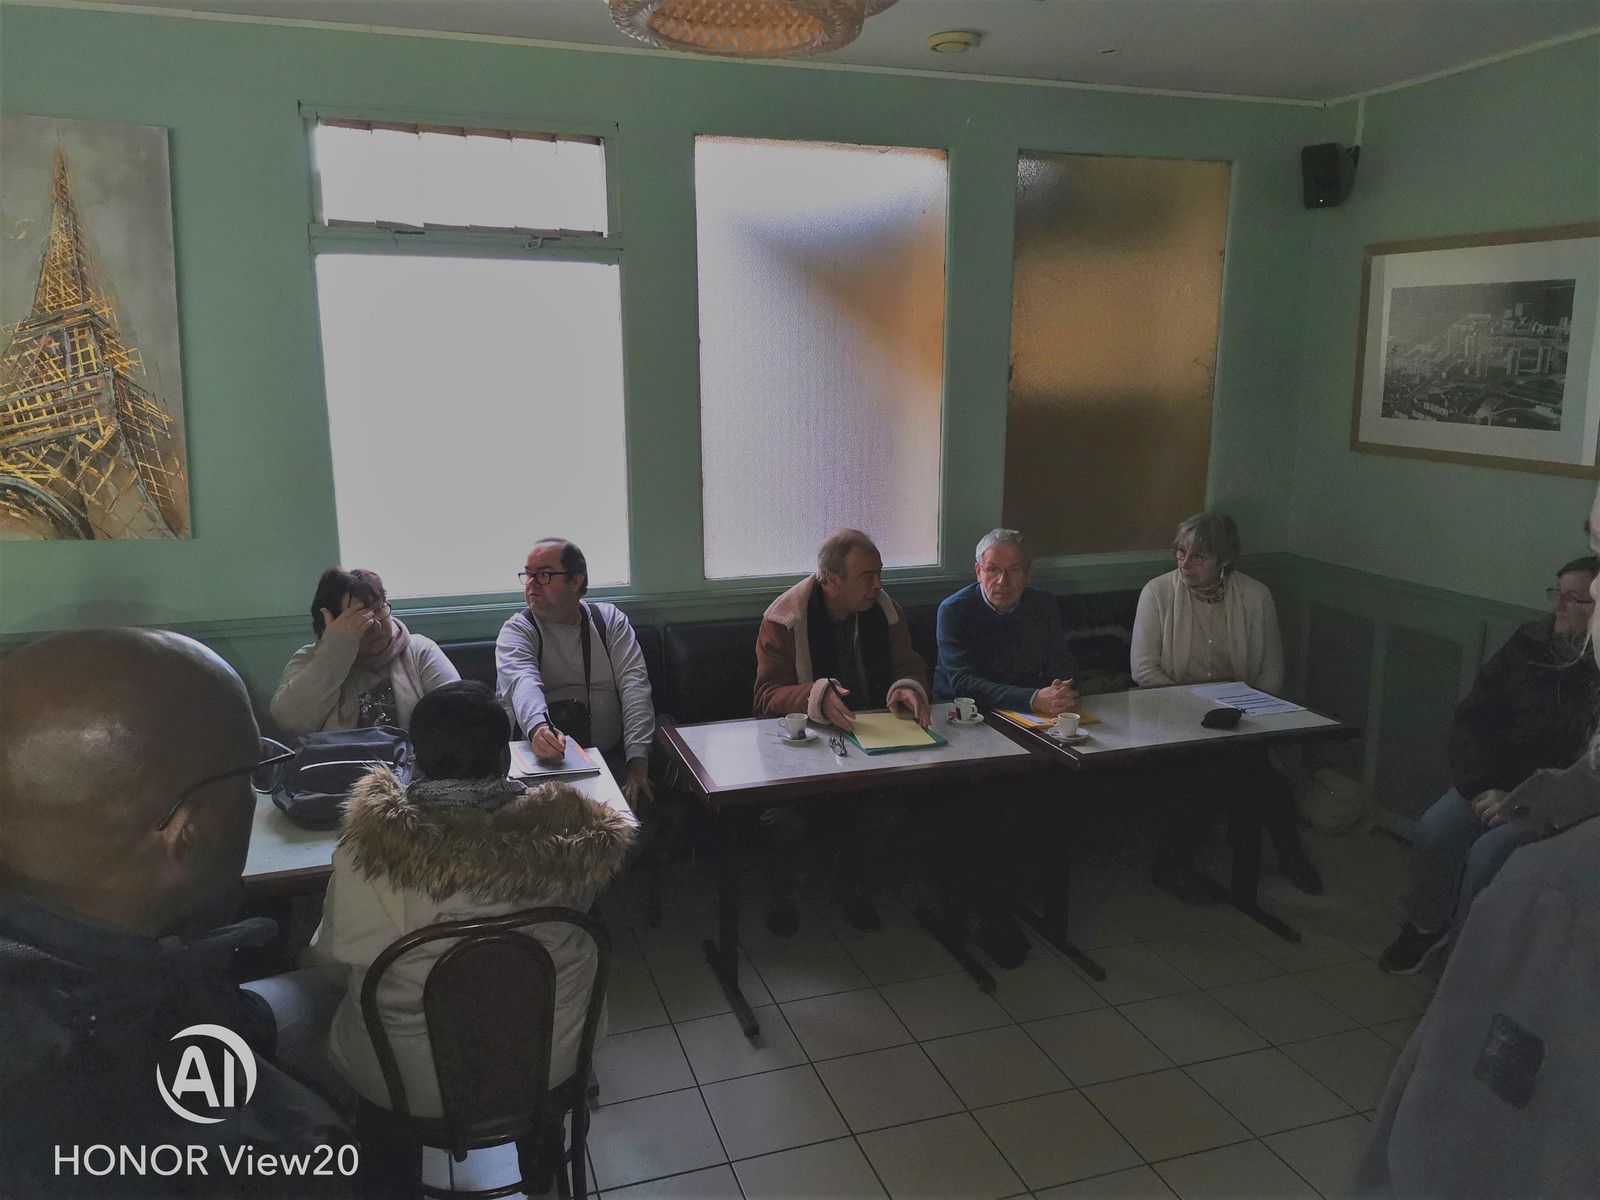 VIVRE MIEUX A MANTES-LA-JOLIE. Quelques photos de notre conférence de presse publique